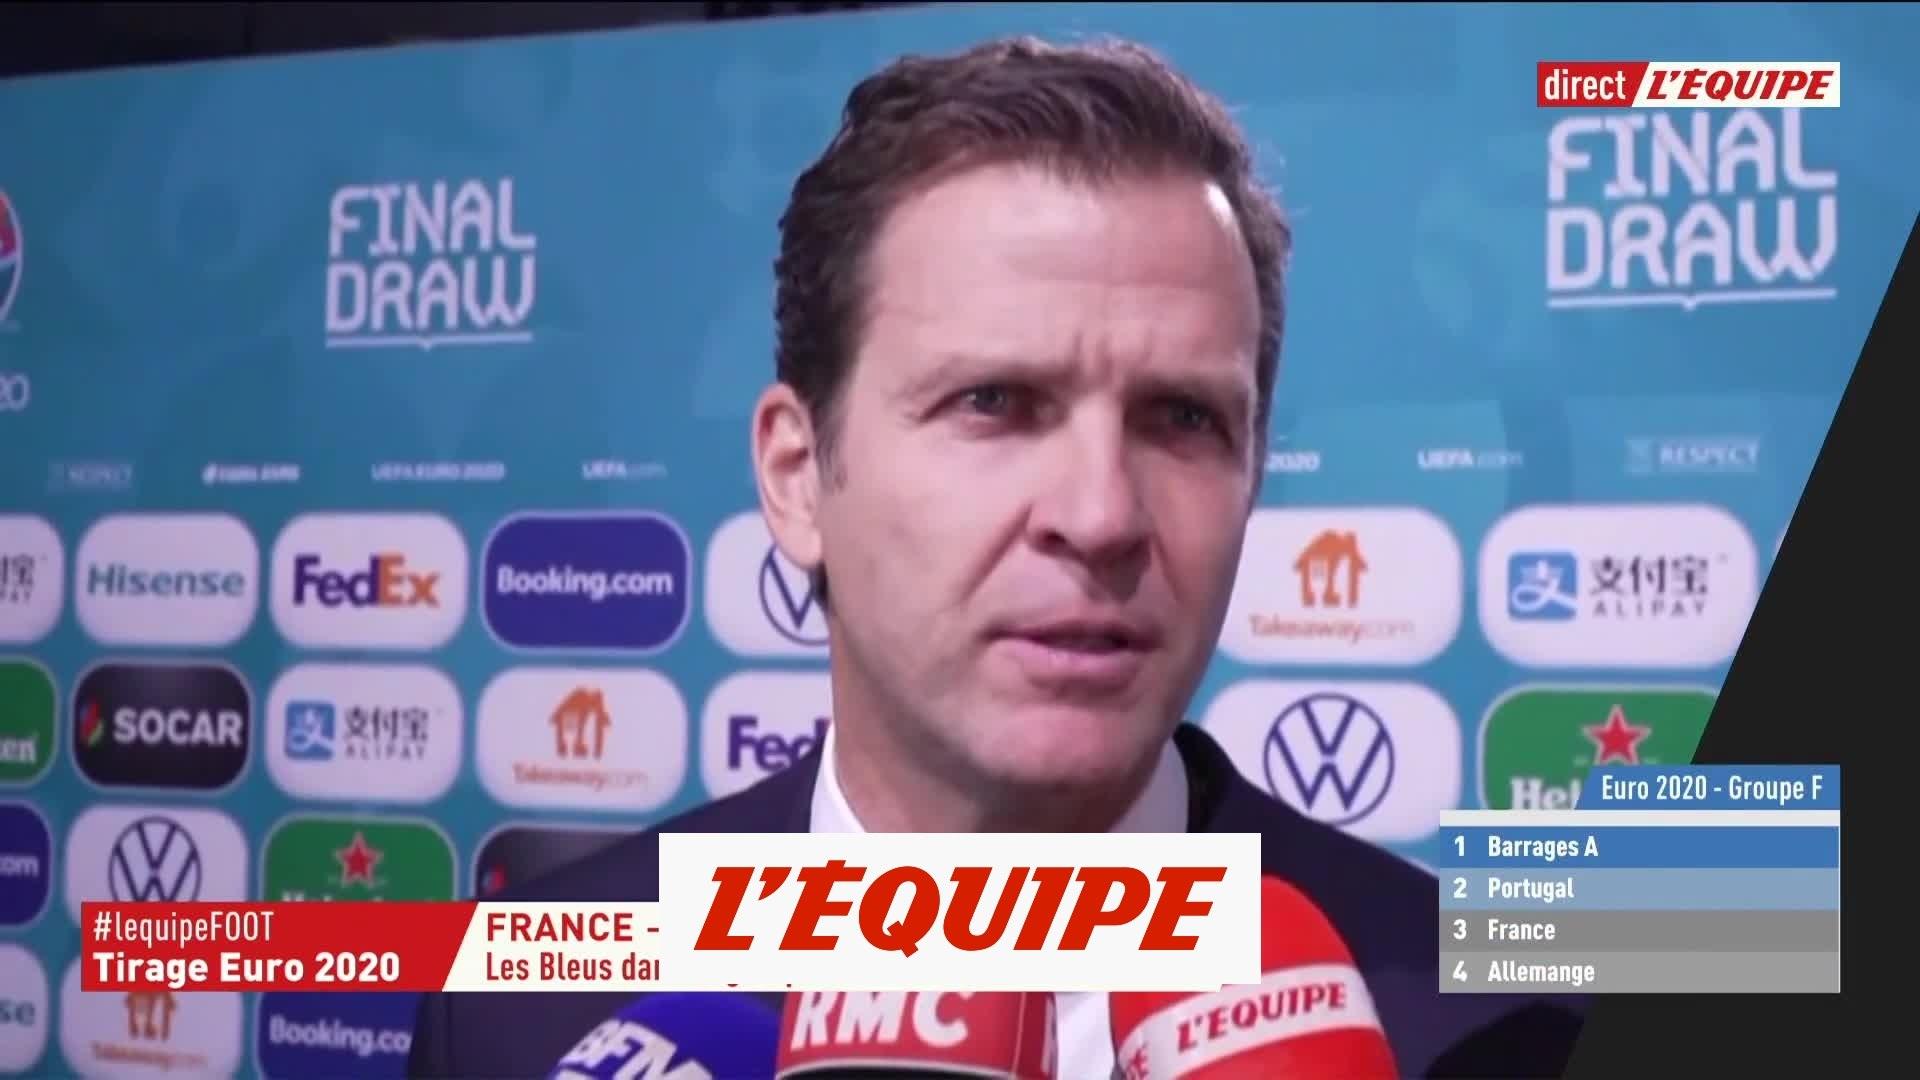 Bierhoff La France Est L Equipe La Plus Forte Foot Euro 2020 Tirage Au Sort